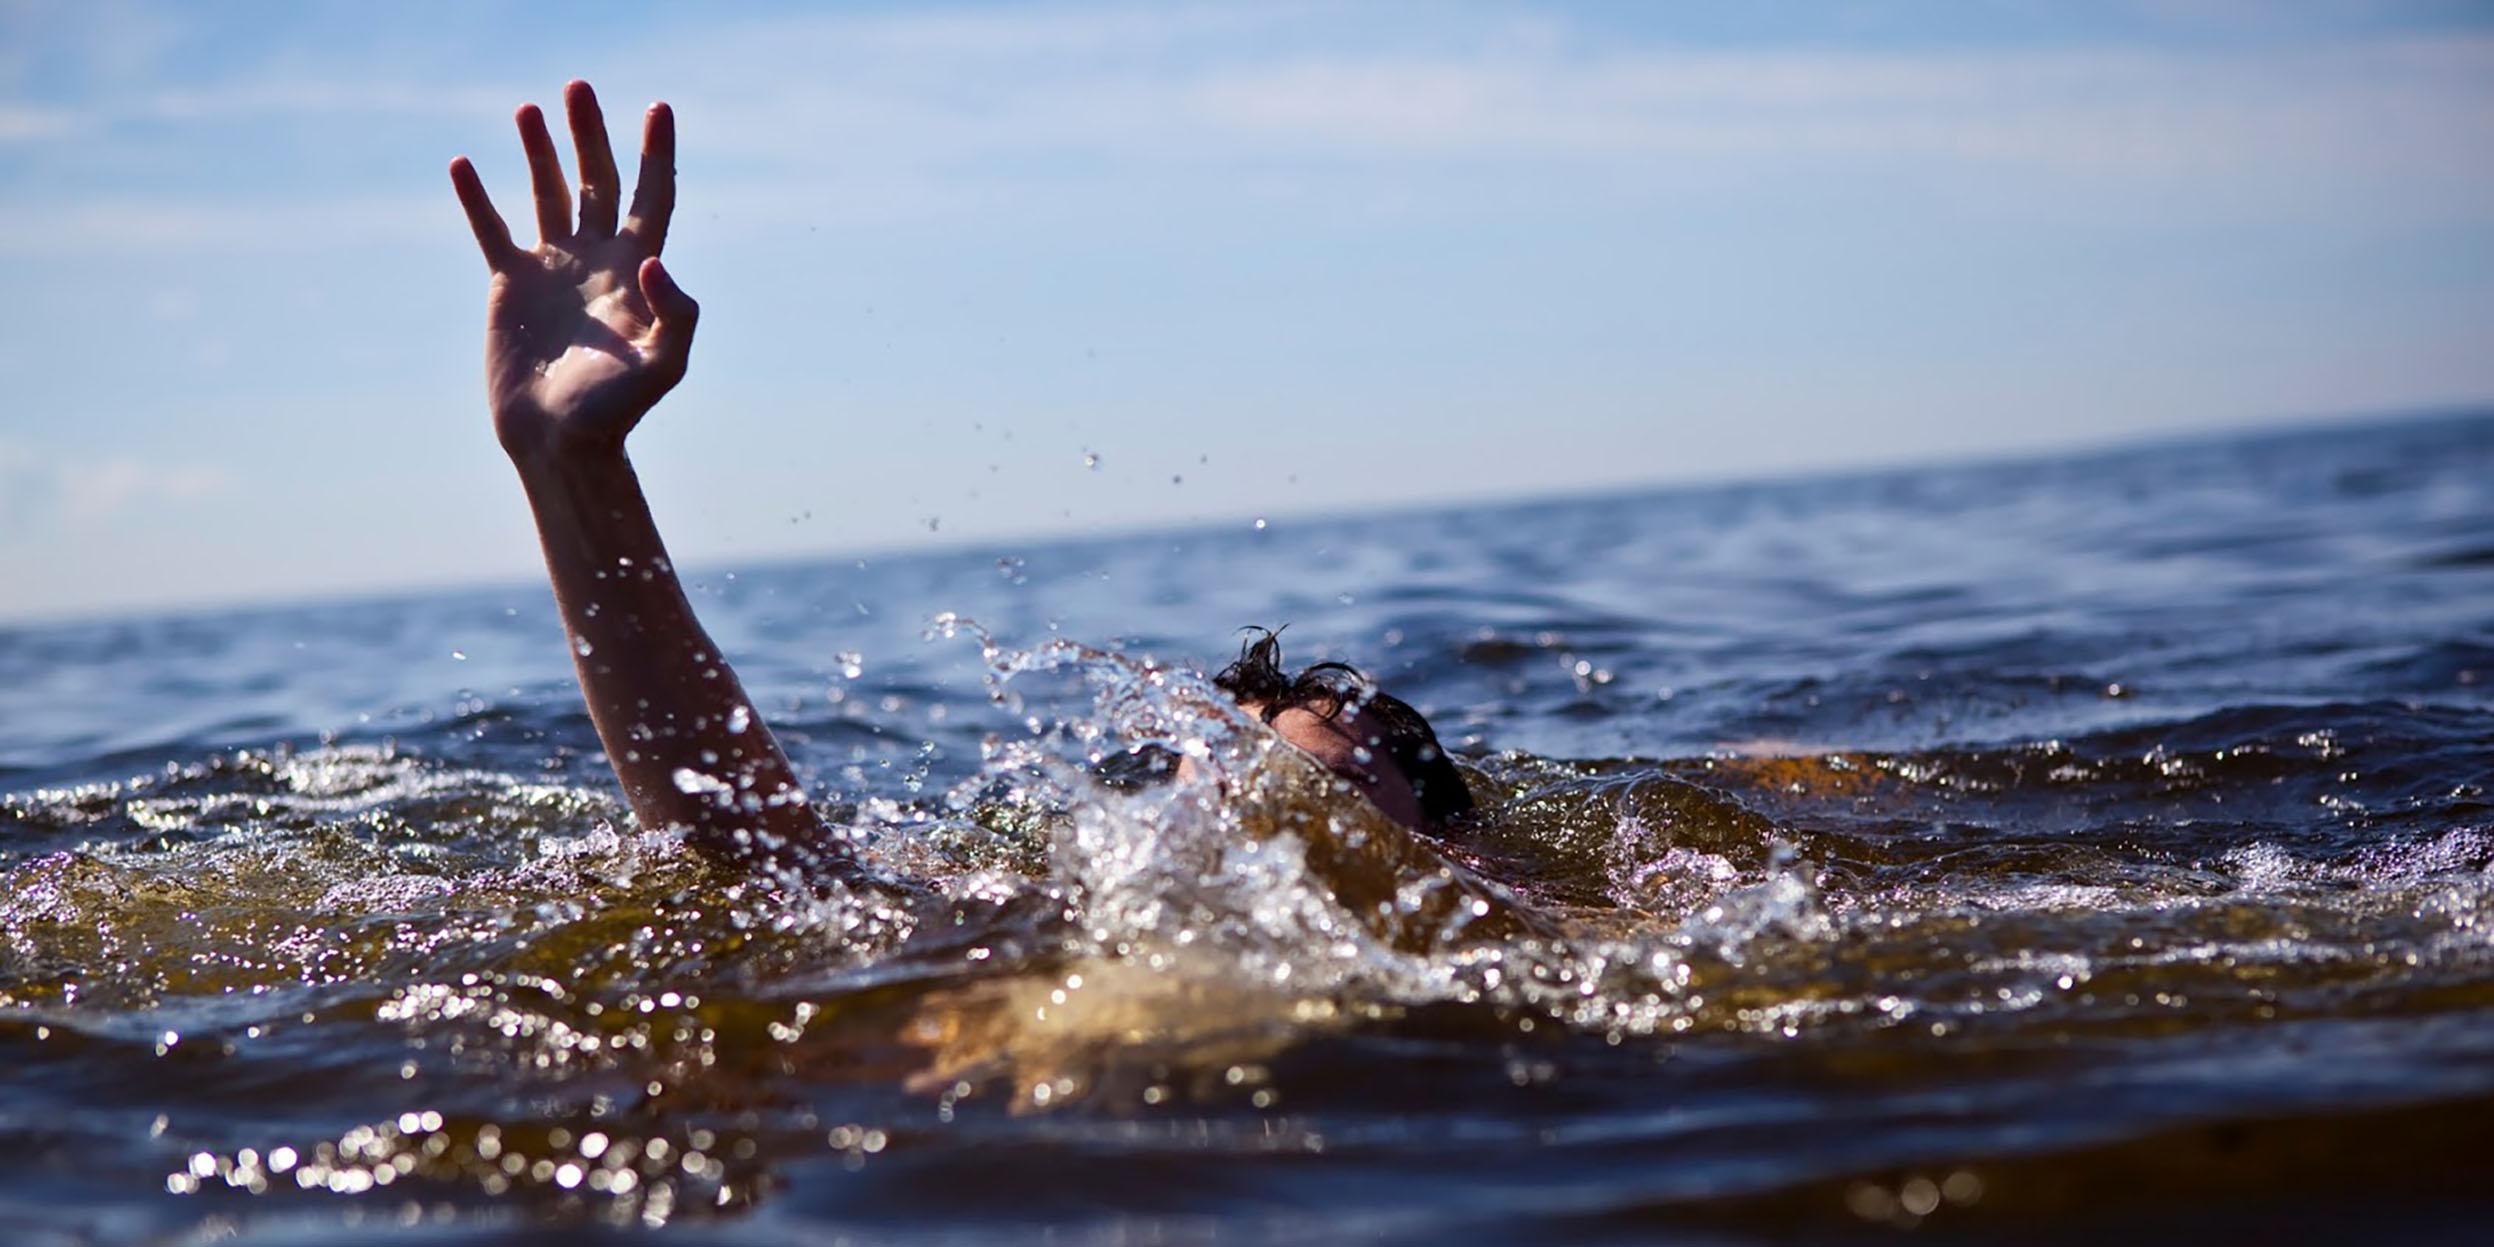 Bedis Plajı'nda boğularak yaşamını yitirdi